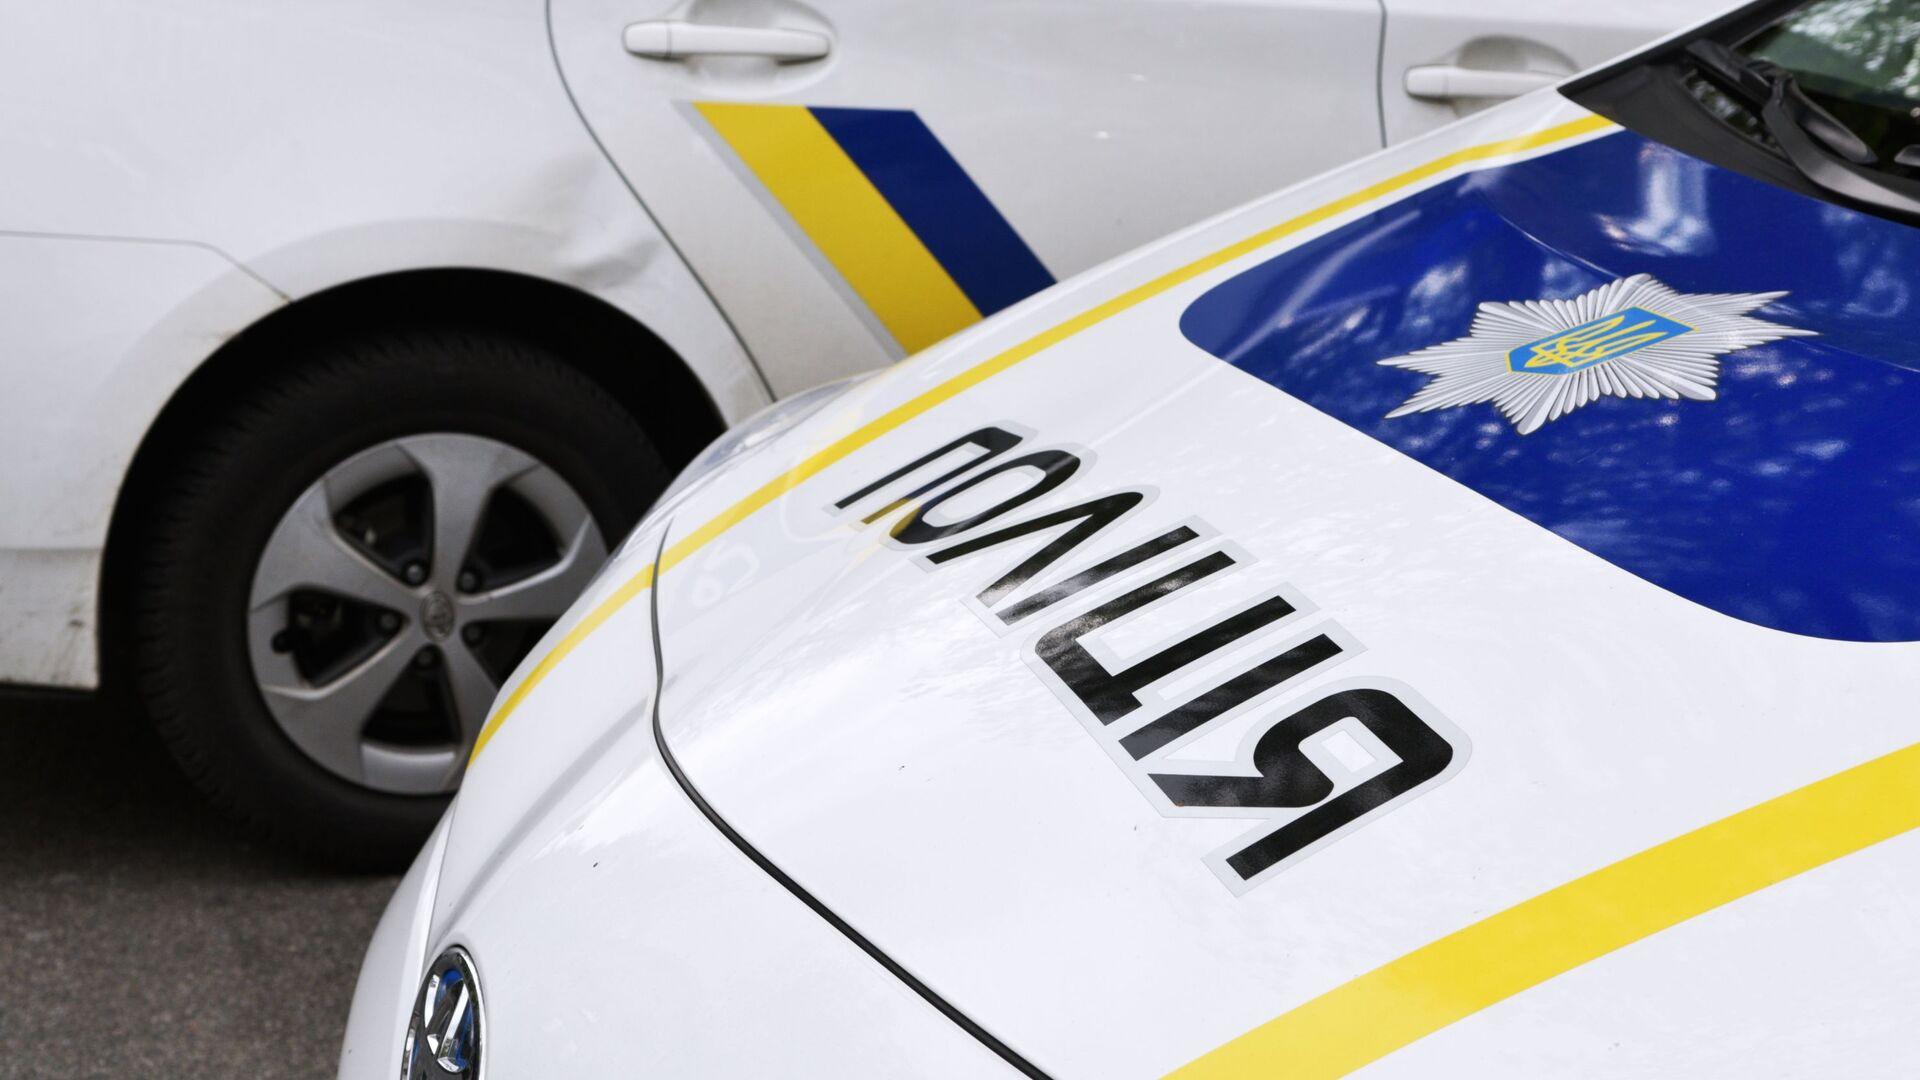 Samochody ukraińskiej policji. Zdjęcie archiwalne - Sputnik Polska, 1920, 22.09.2021